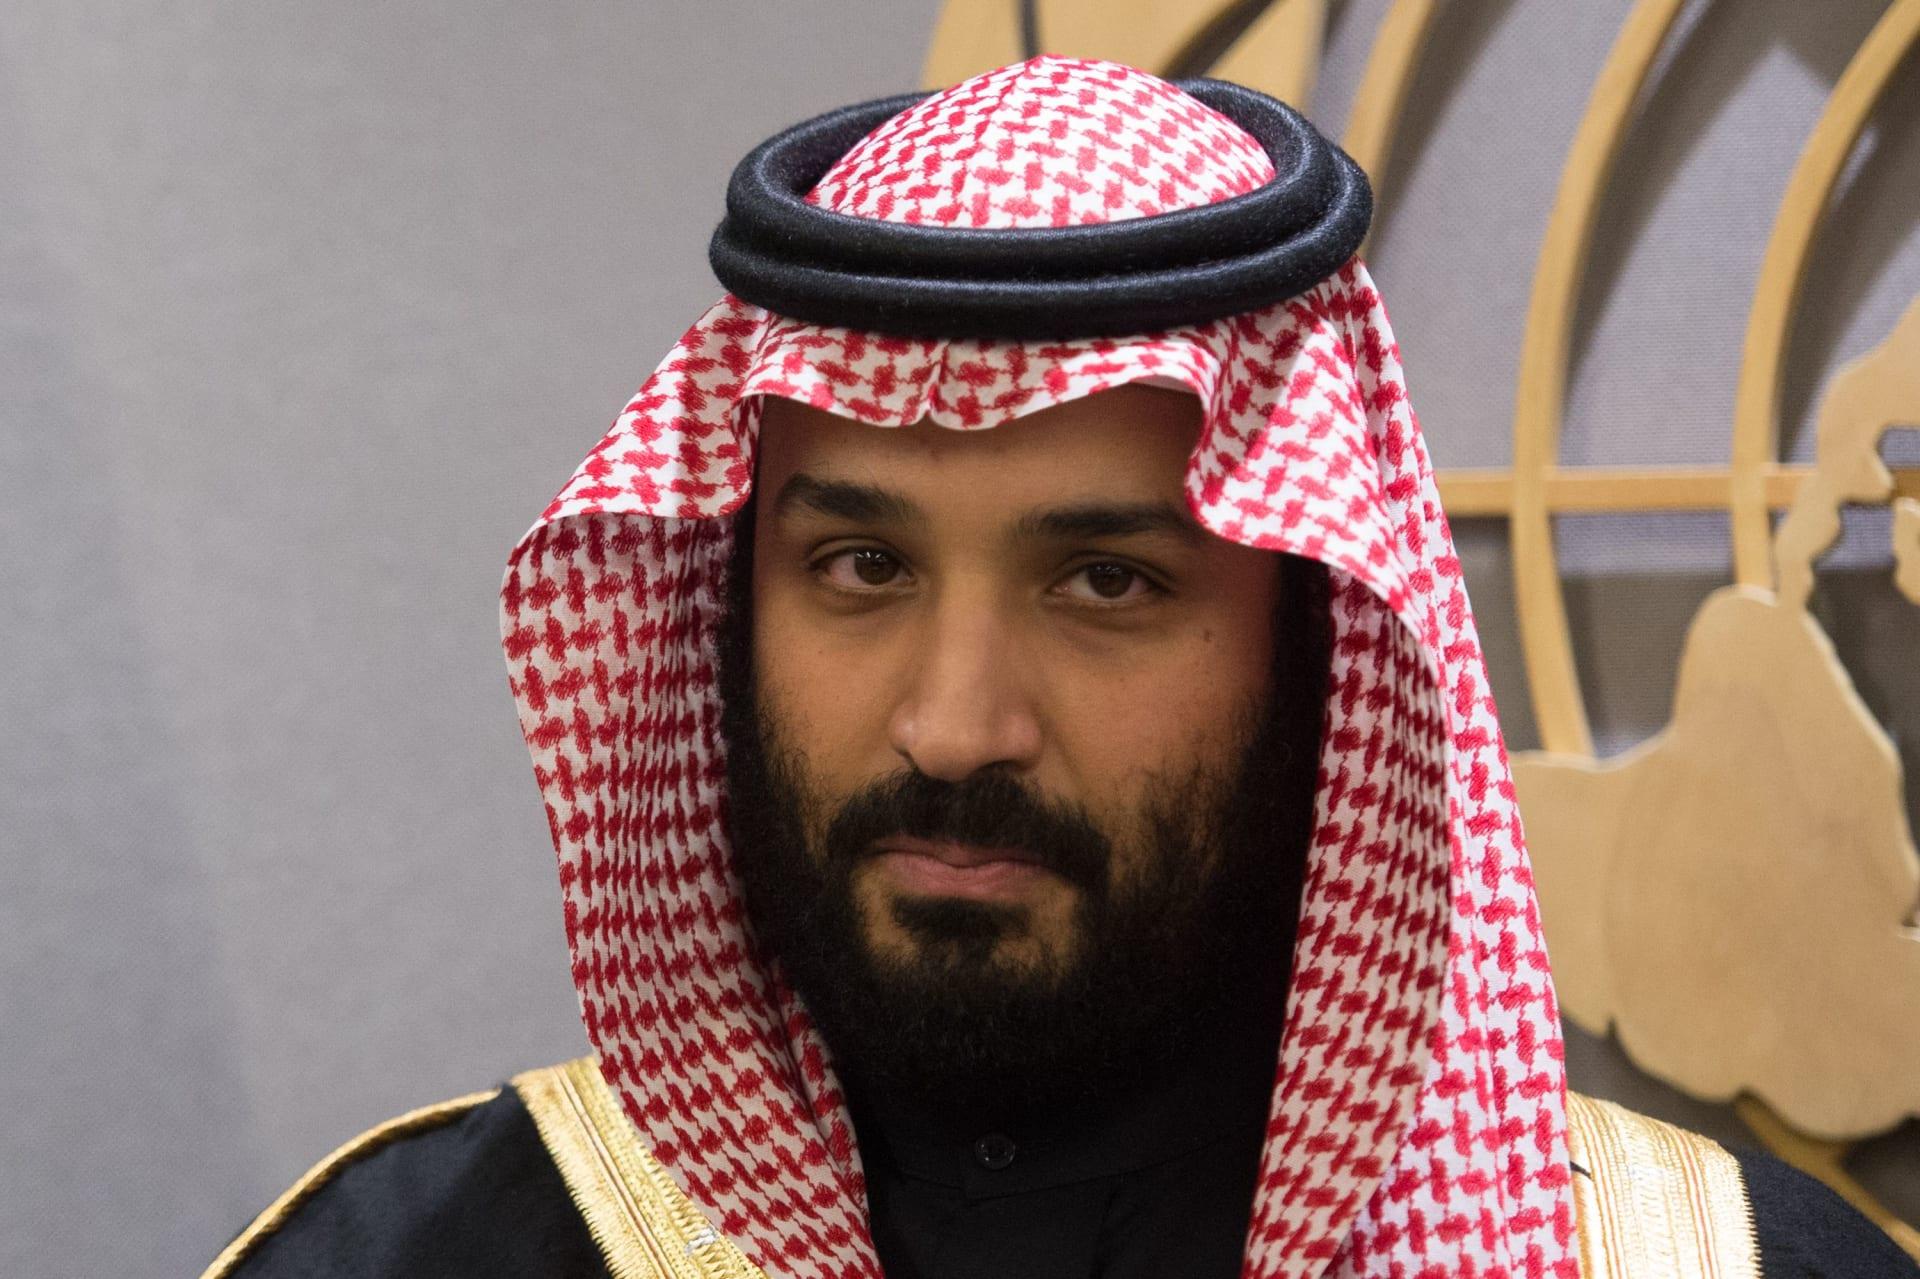 ولي عهد السعودية: بشار الأسد سيبقى ومن مصلحته ألا يكون دمية بيد إيران